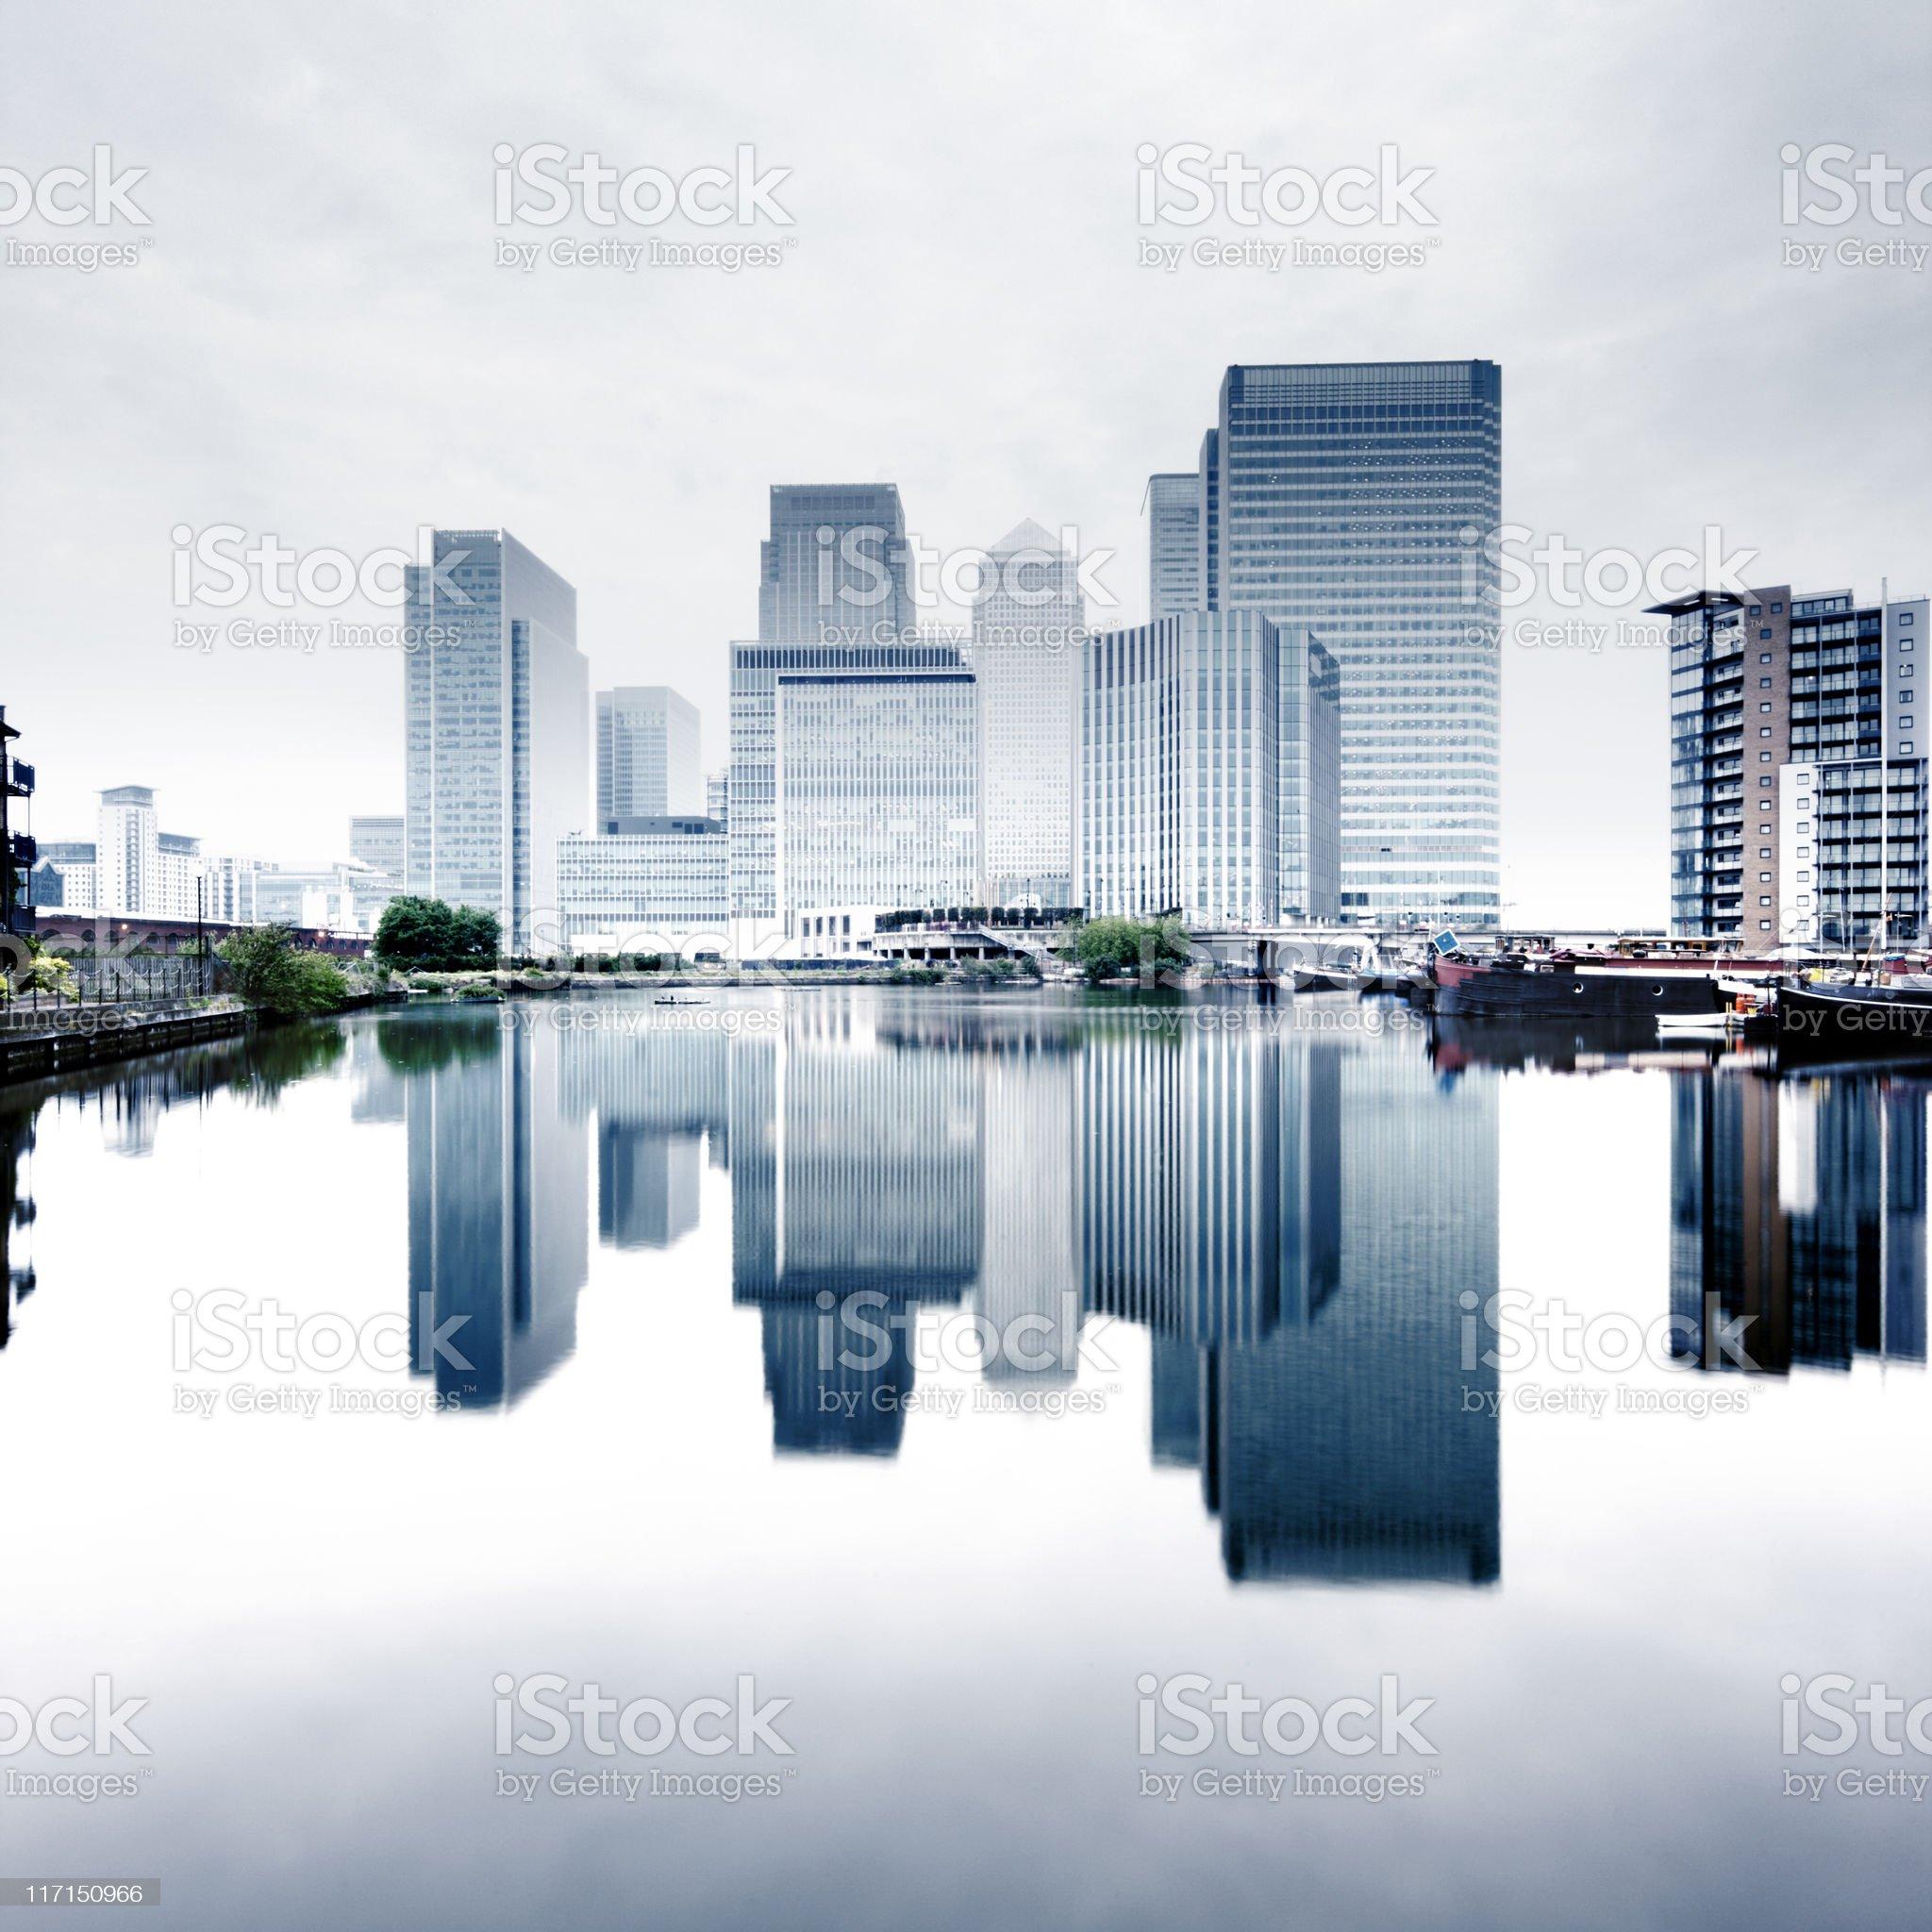 Canary Wharf royalty-free stock photo